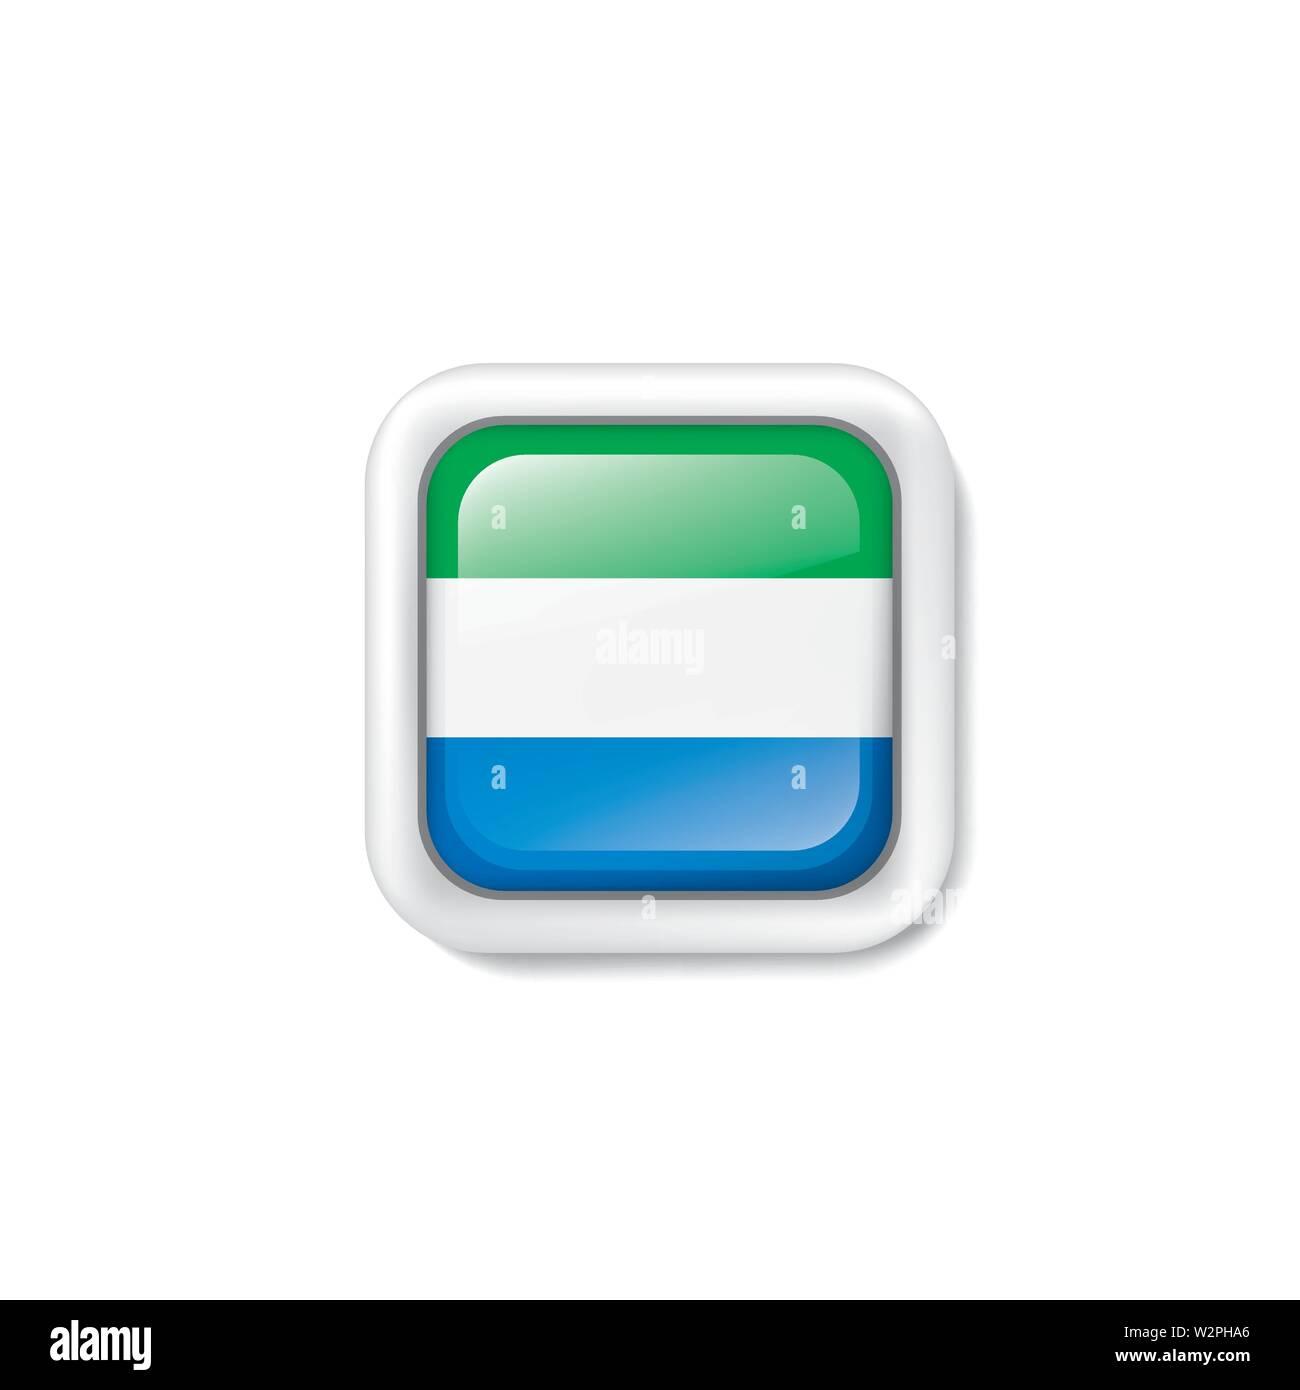 Sierra Leone flag, vector illustration on a white background. Stock Vector